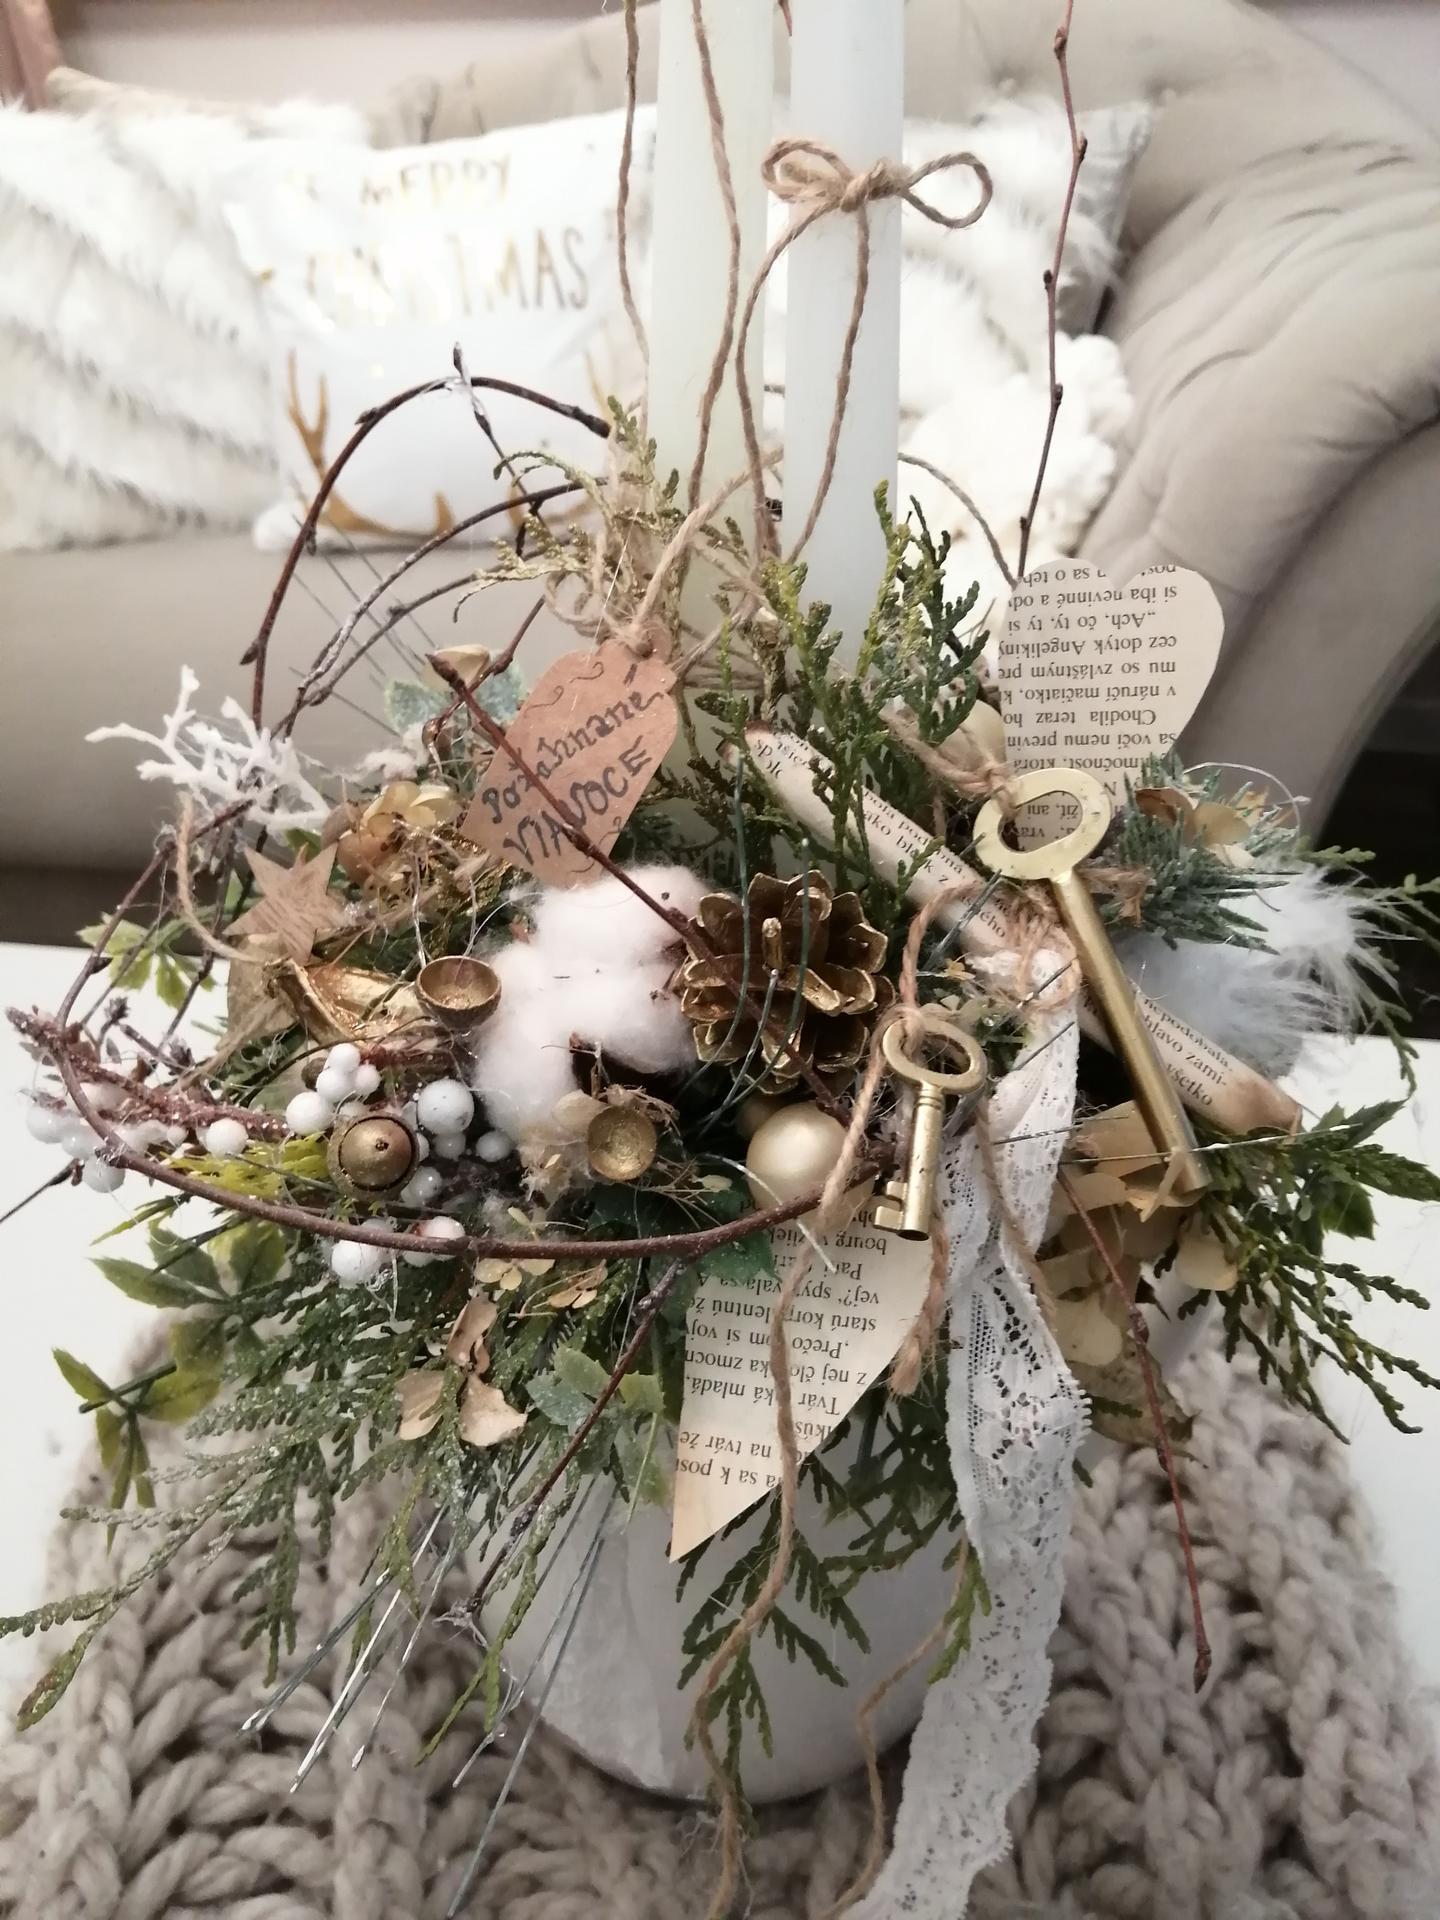 Vianočný aranžmánik ❄️ - Obrázok č. 2